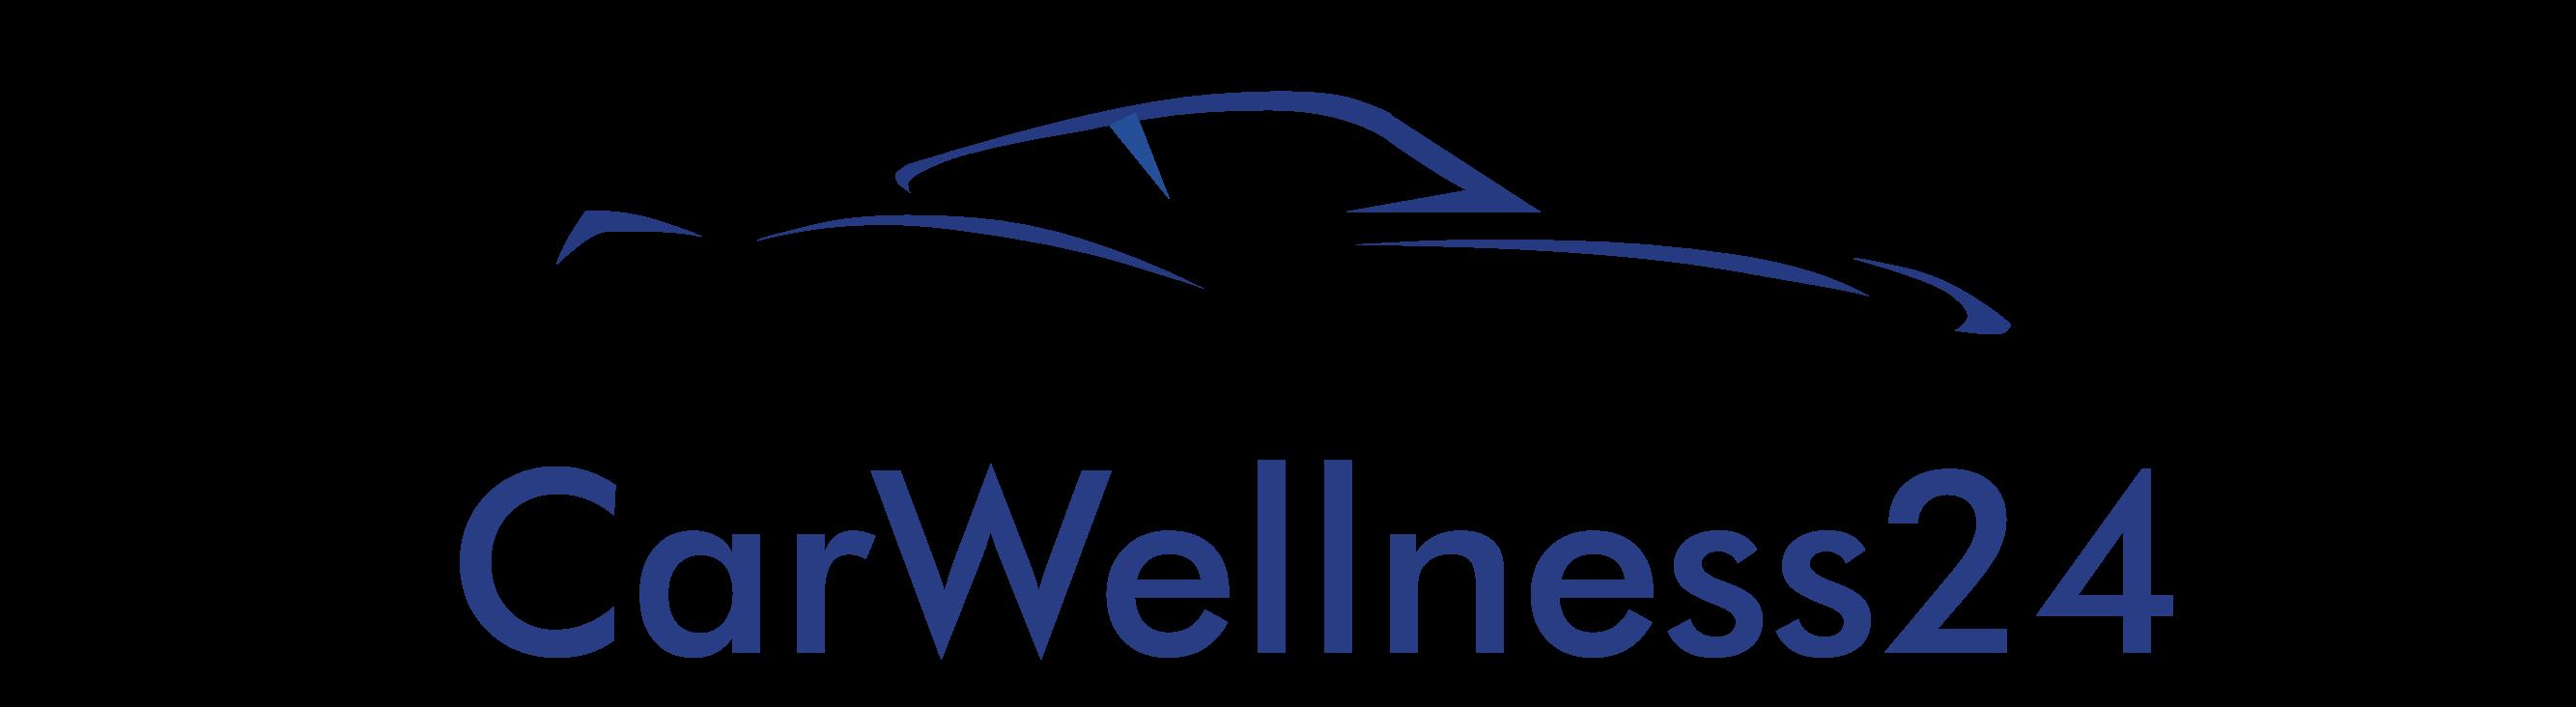 CarWellness24.de